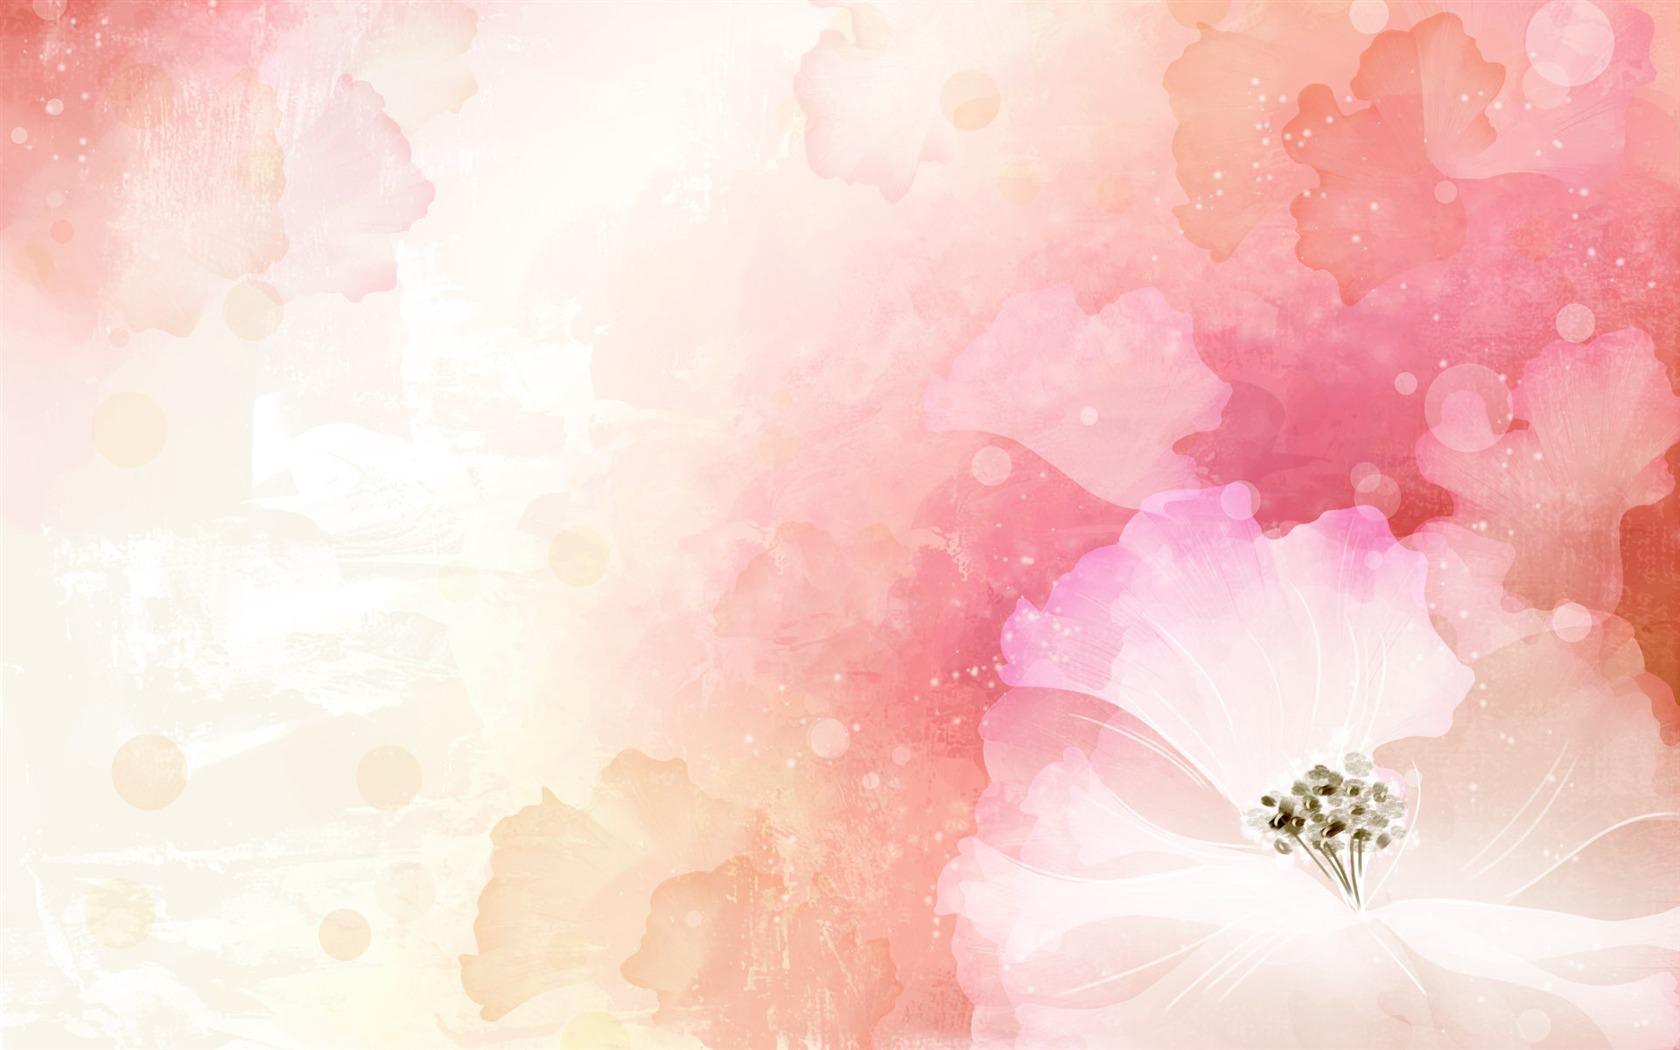 ... Wallpaper Bunte Blumen - Design Hintergrundbilder - V3 Wallpaper Site